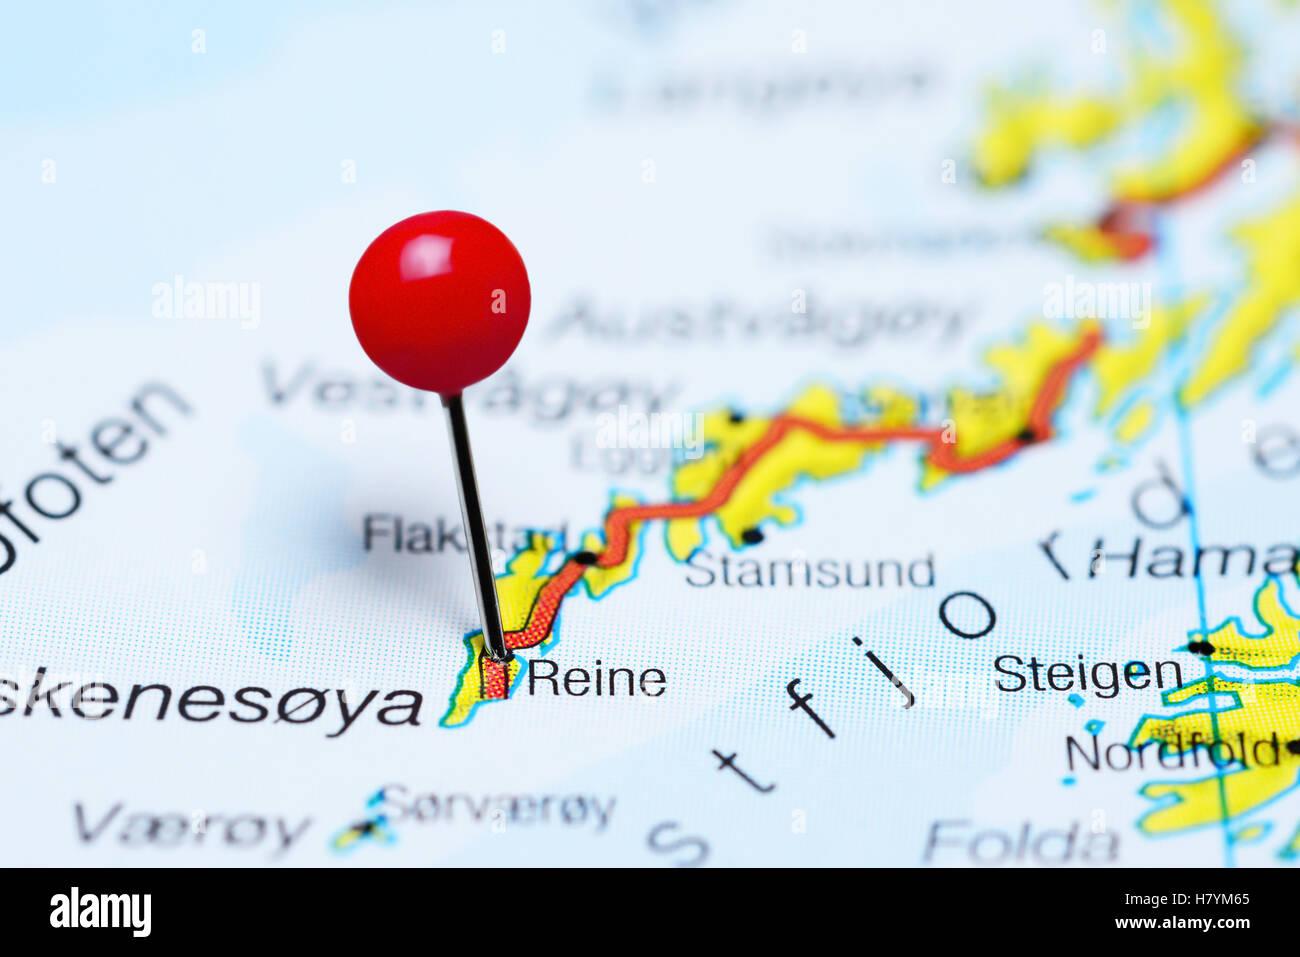 Reine Pinned On A Map Of Lofoten Islands Norway Stock Photo - Norway map lofoten islands